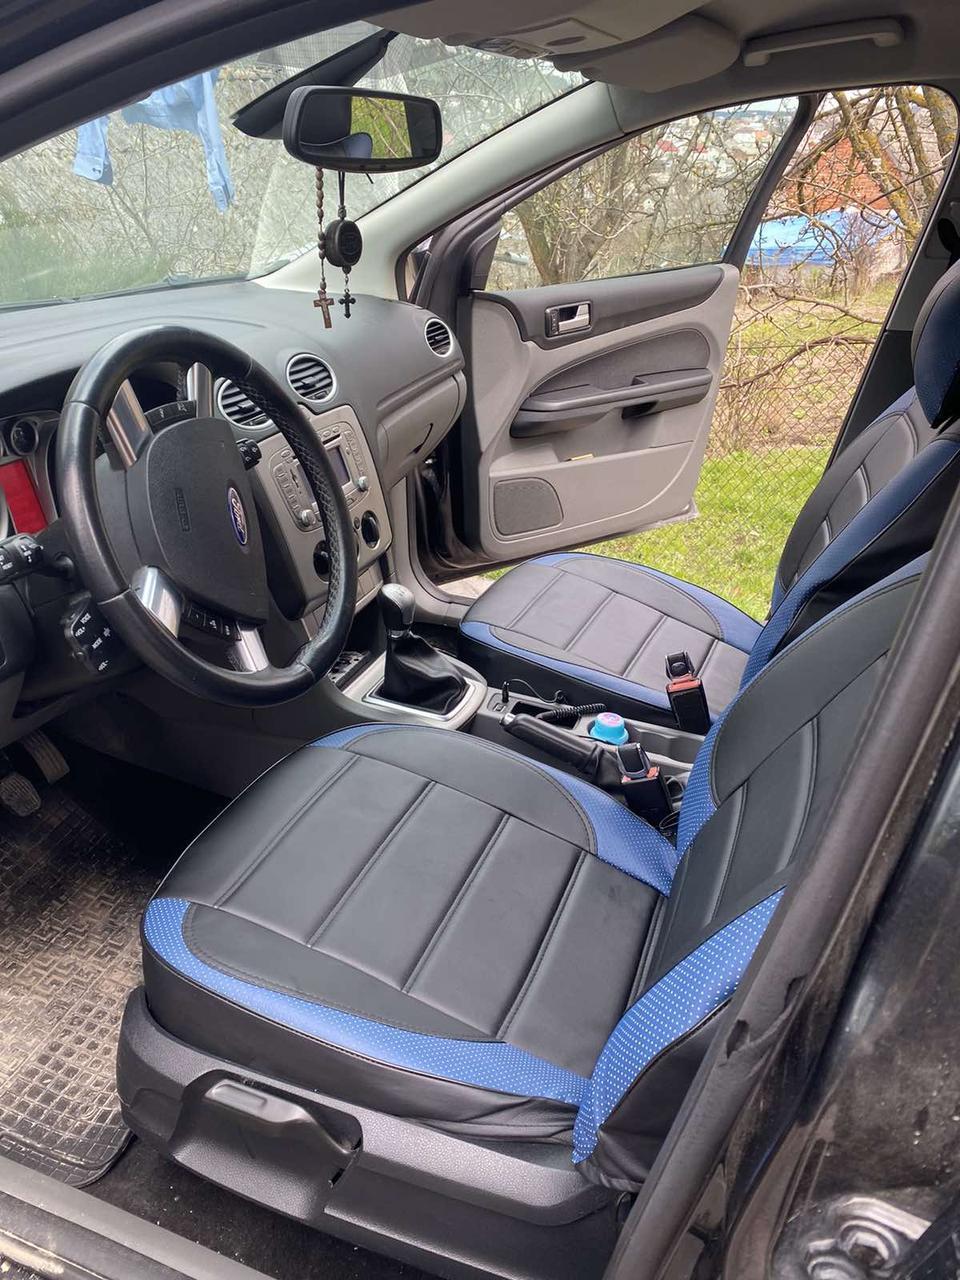 Чохли на сидіння Хонда Цивік (Honda Civic) (модельні, MAX-L, окремий підголовник) Чорно-синій